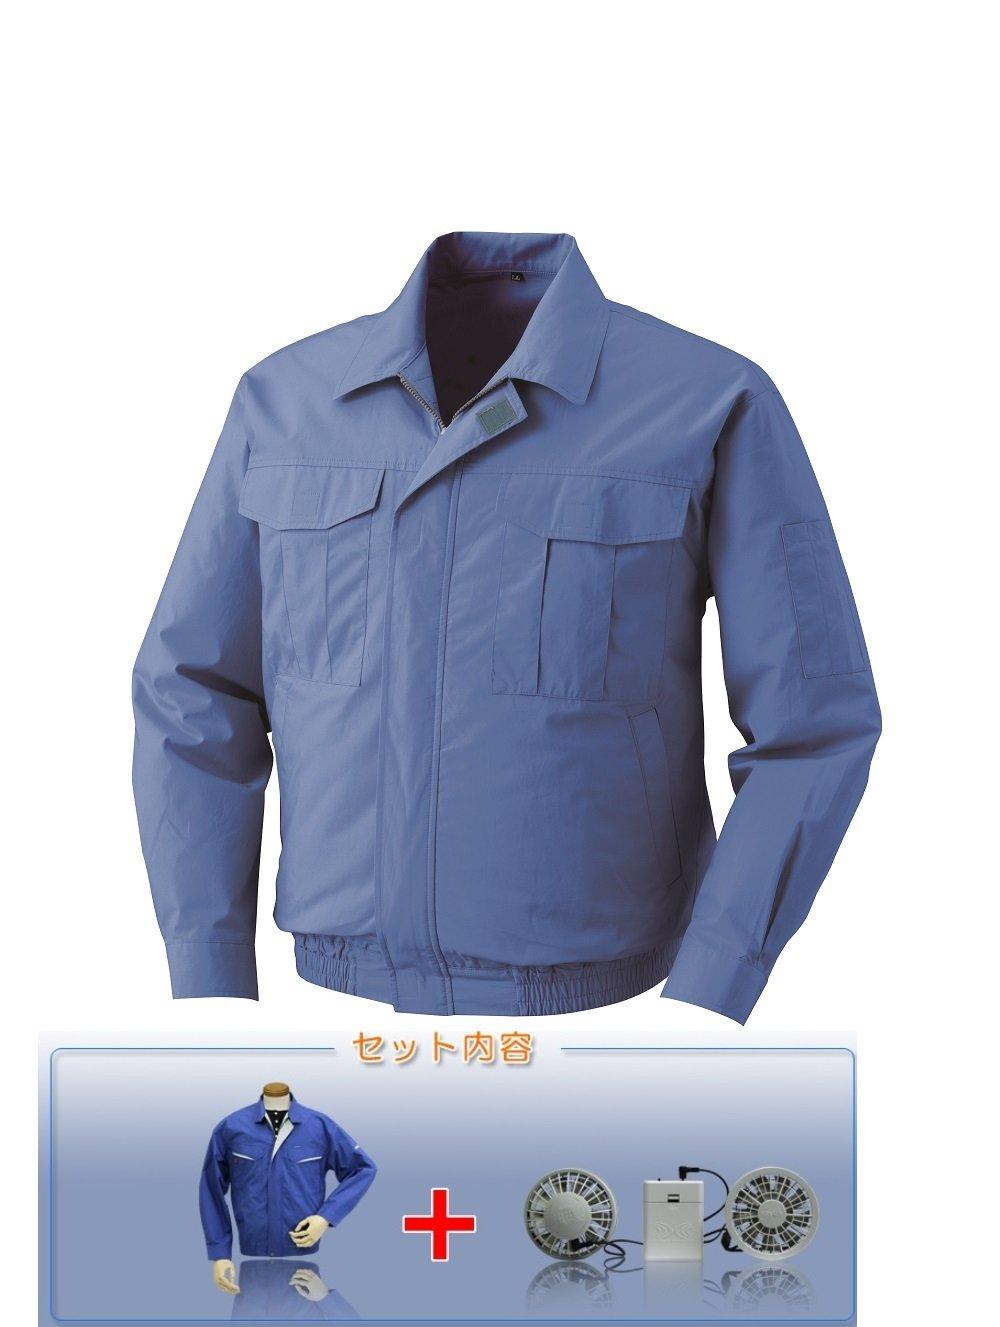 株式会社空調服製 綿薄手ワーク空調服 電池セット (KU90550ウェア、ワンタッチファングレー2個、ケーブル、電池ボックスのセット) B0799G8L3B M ライトブルー ライトブルー M